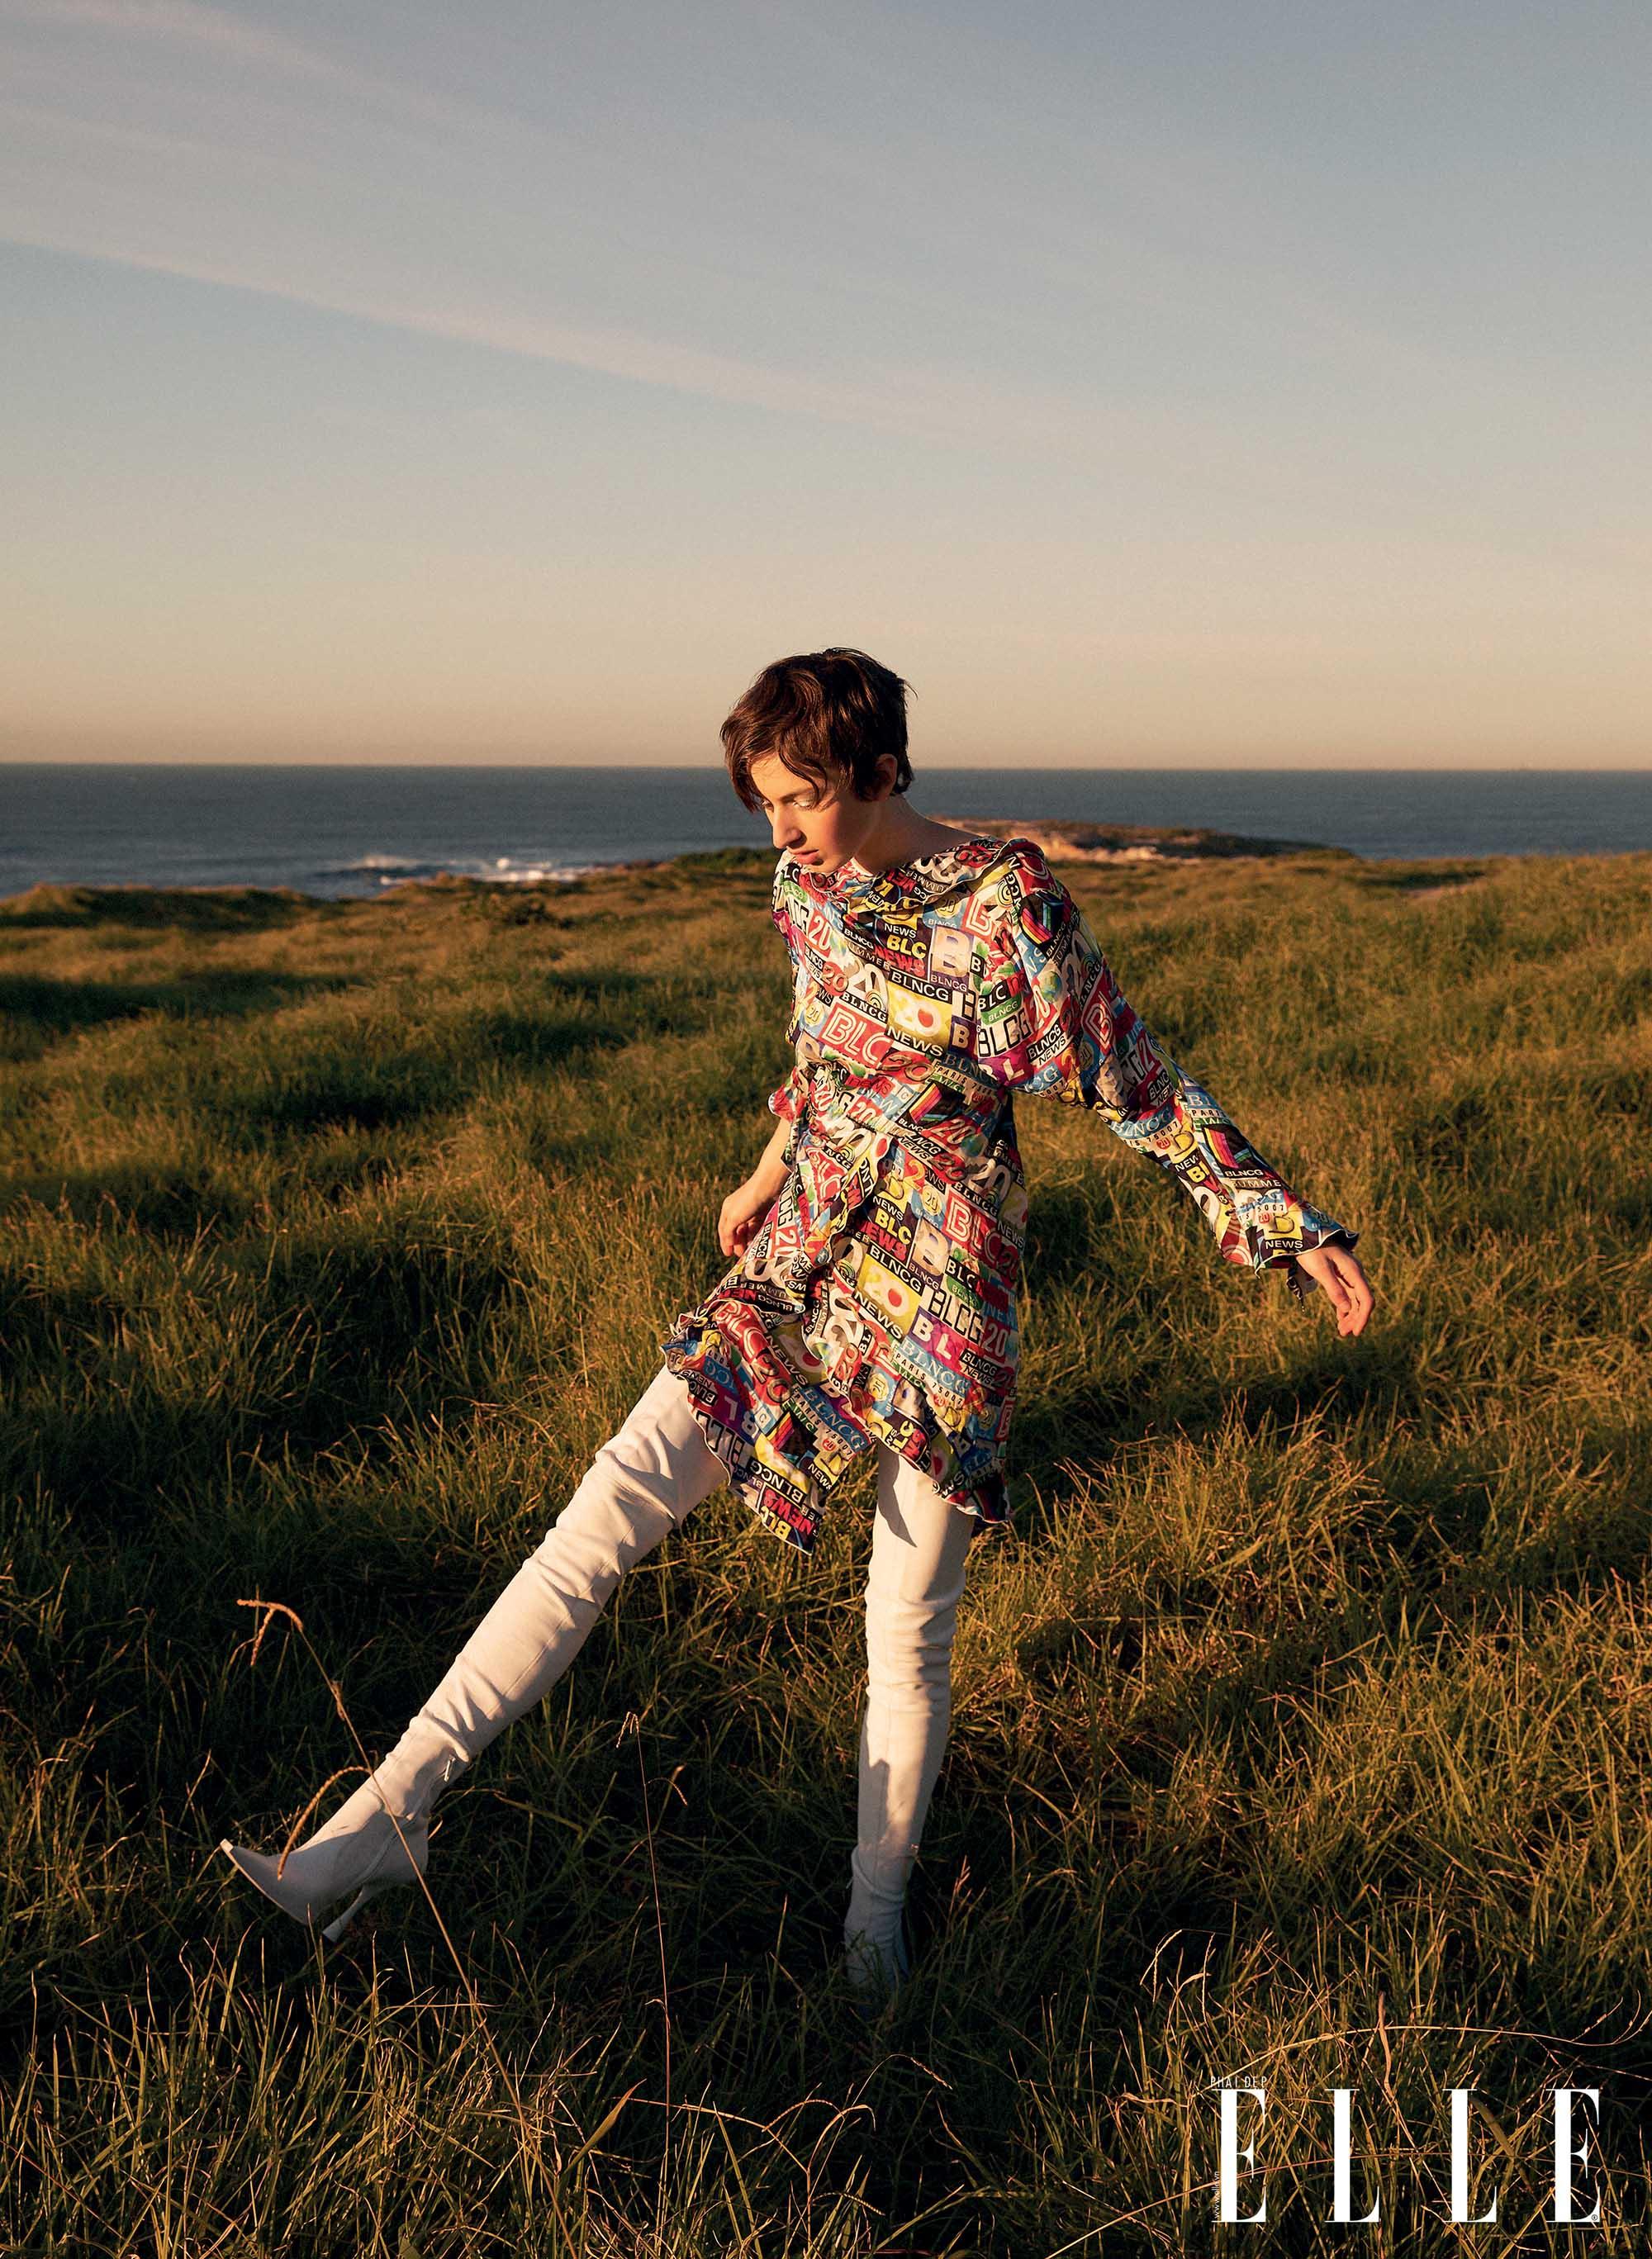 bộ ảnh thời trang Hè 2020 đầm vải nhiều họa tiết